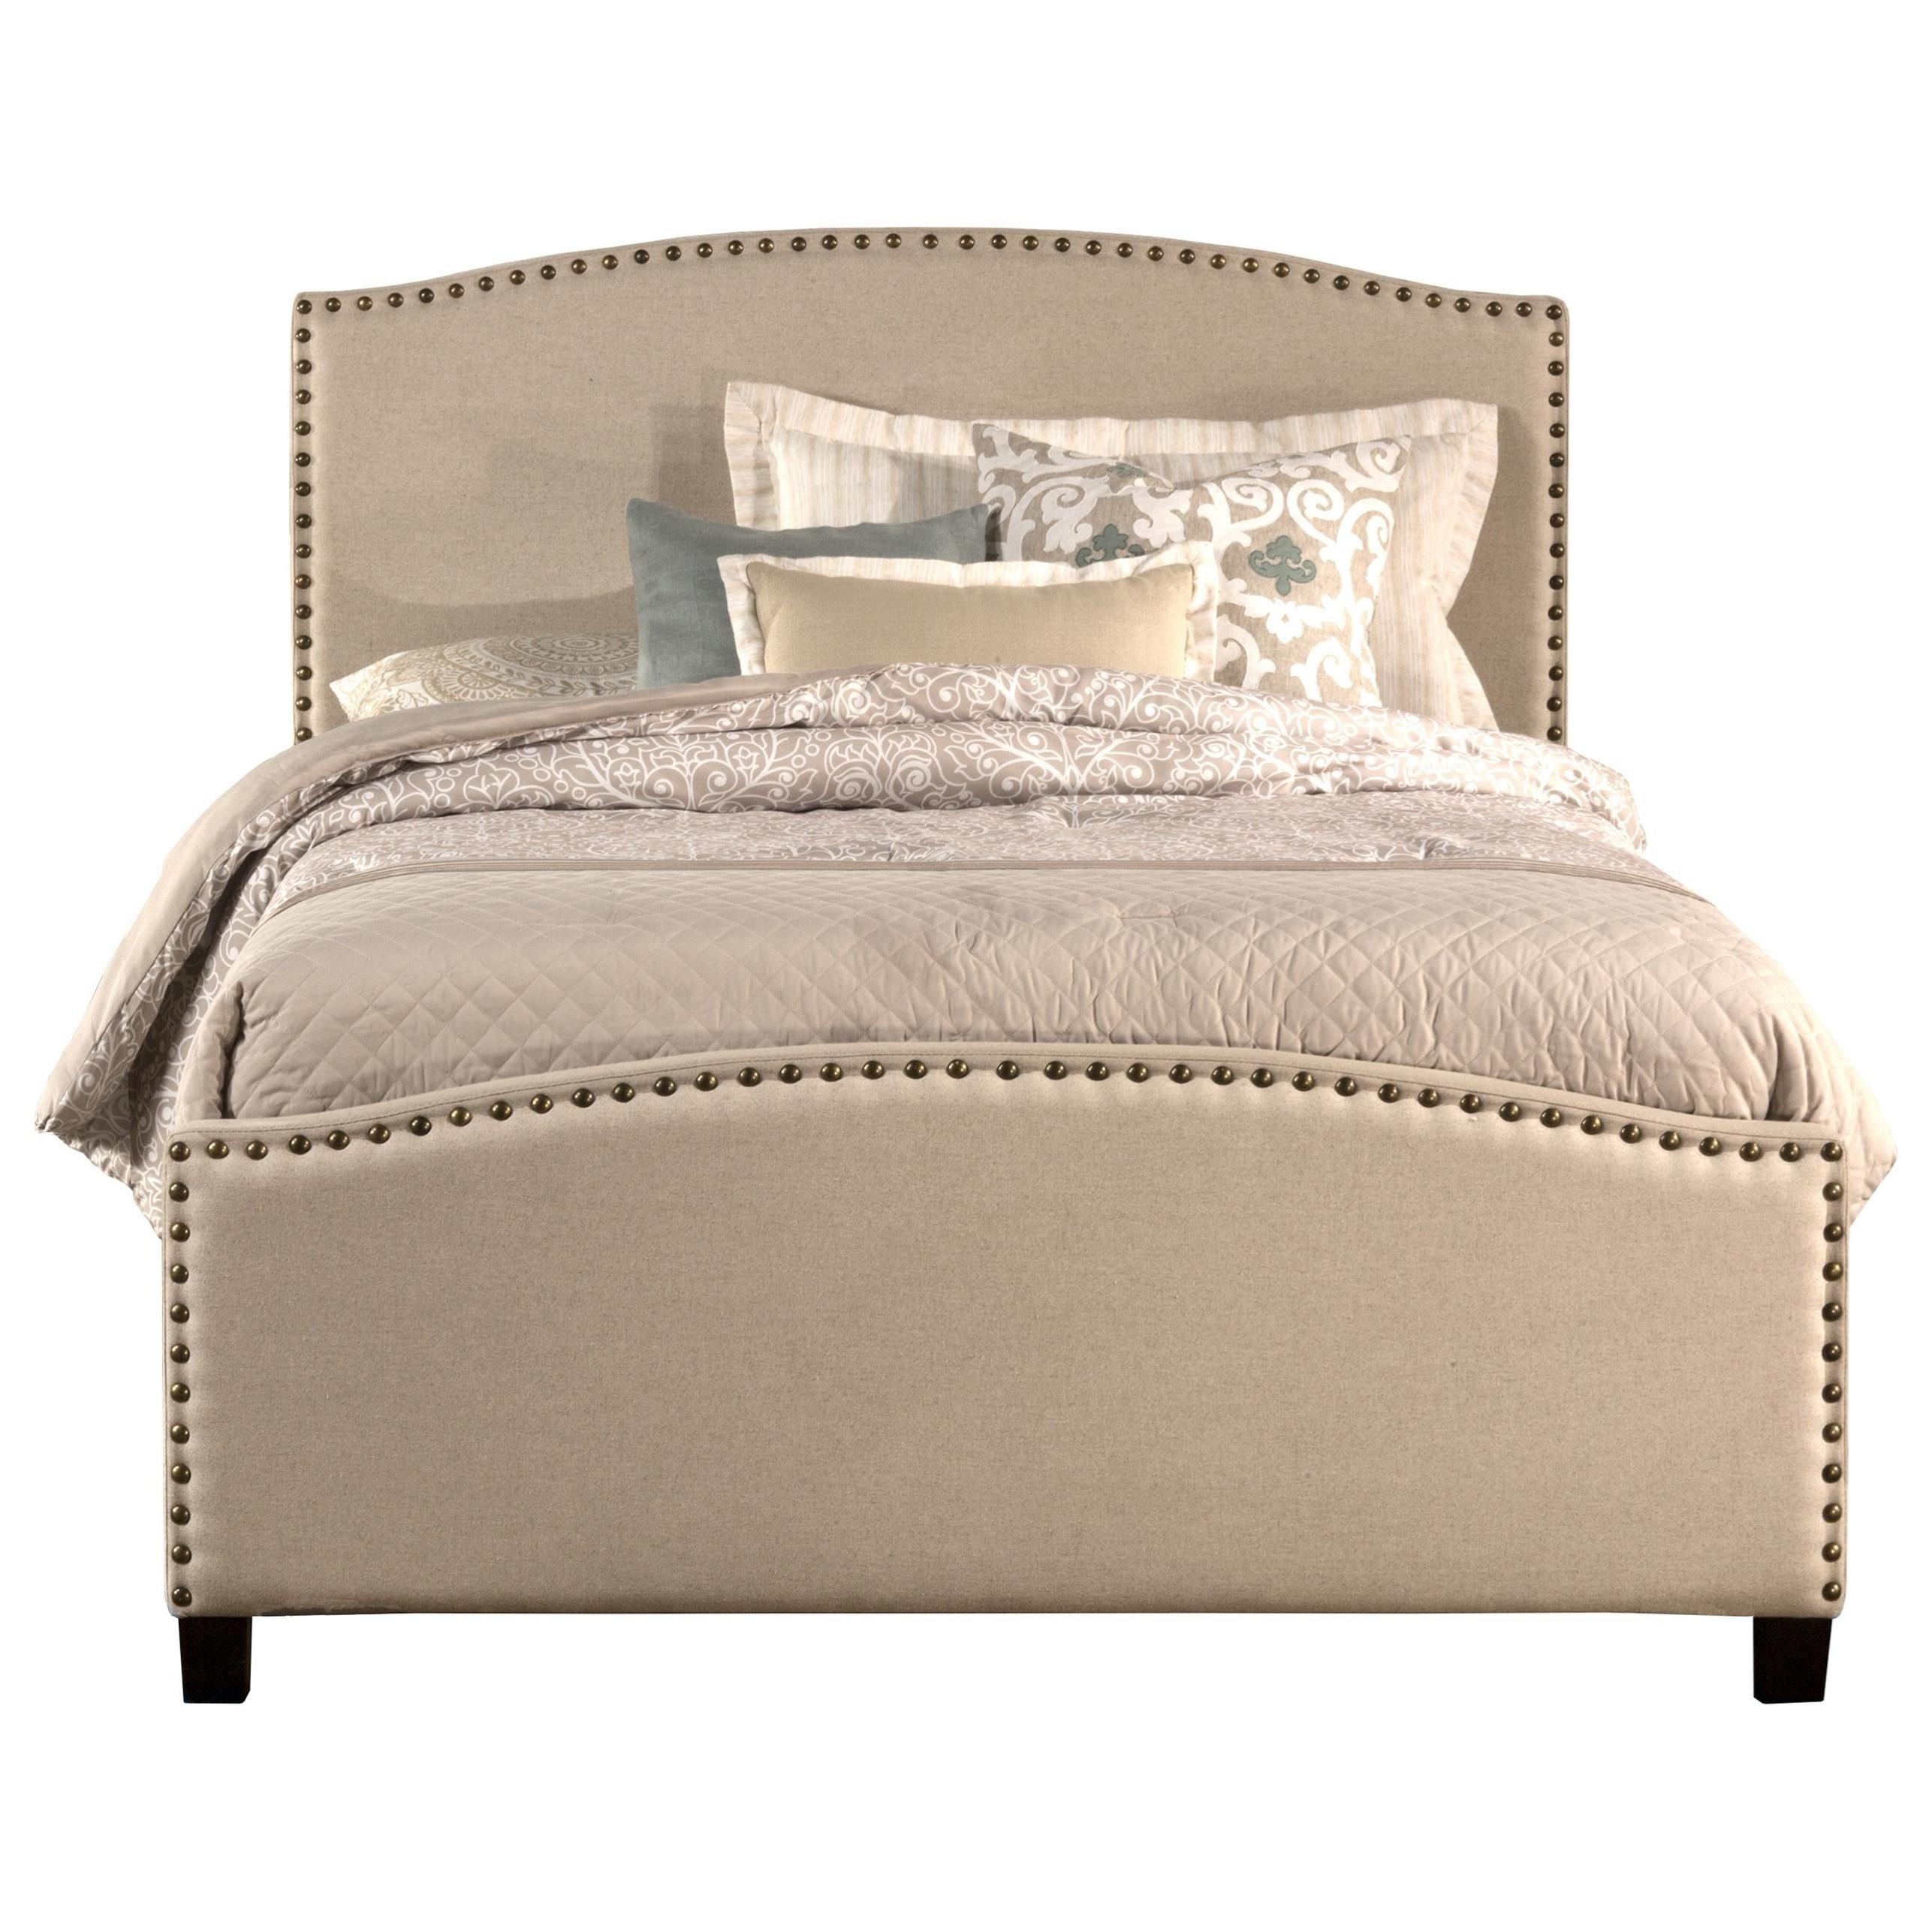 Hillsdale Kerstein Full Bed Set Rails Included - Item Number: 1932BFRT